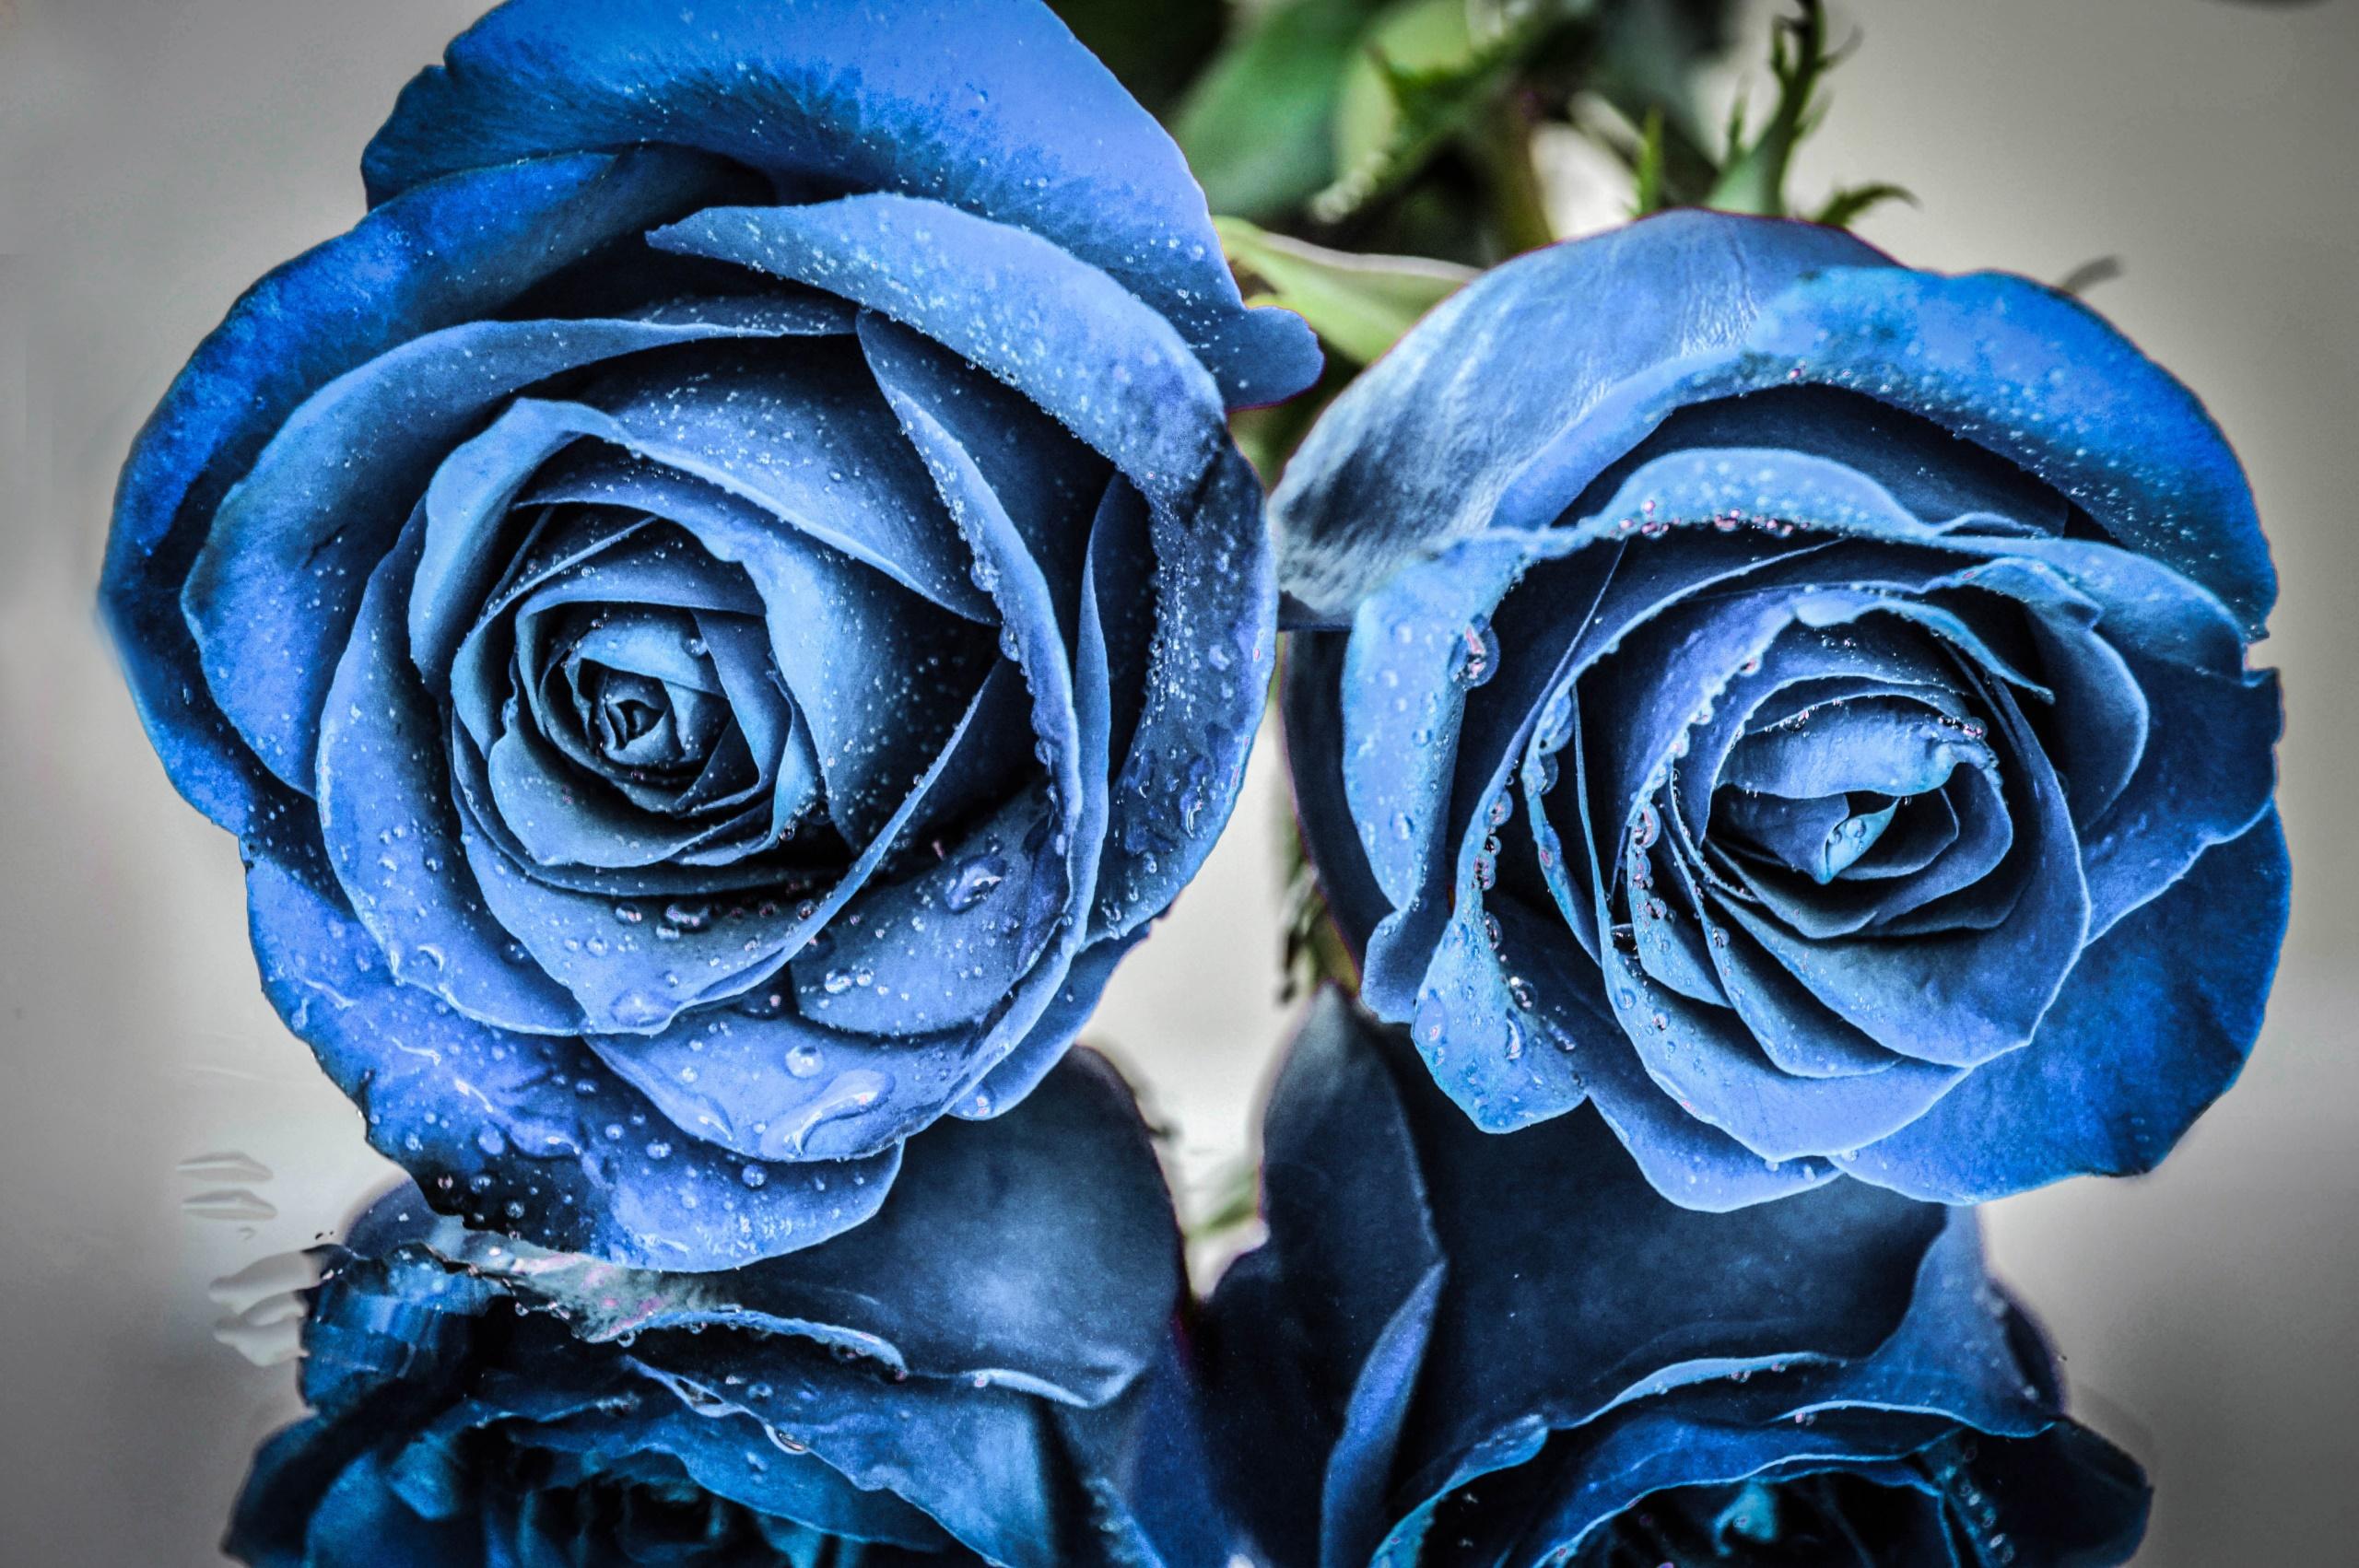 точно цветок синяя роза картинка таких